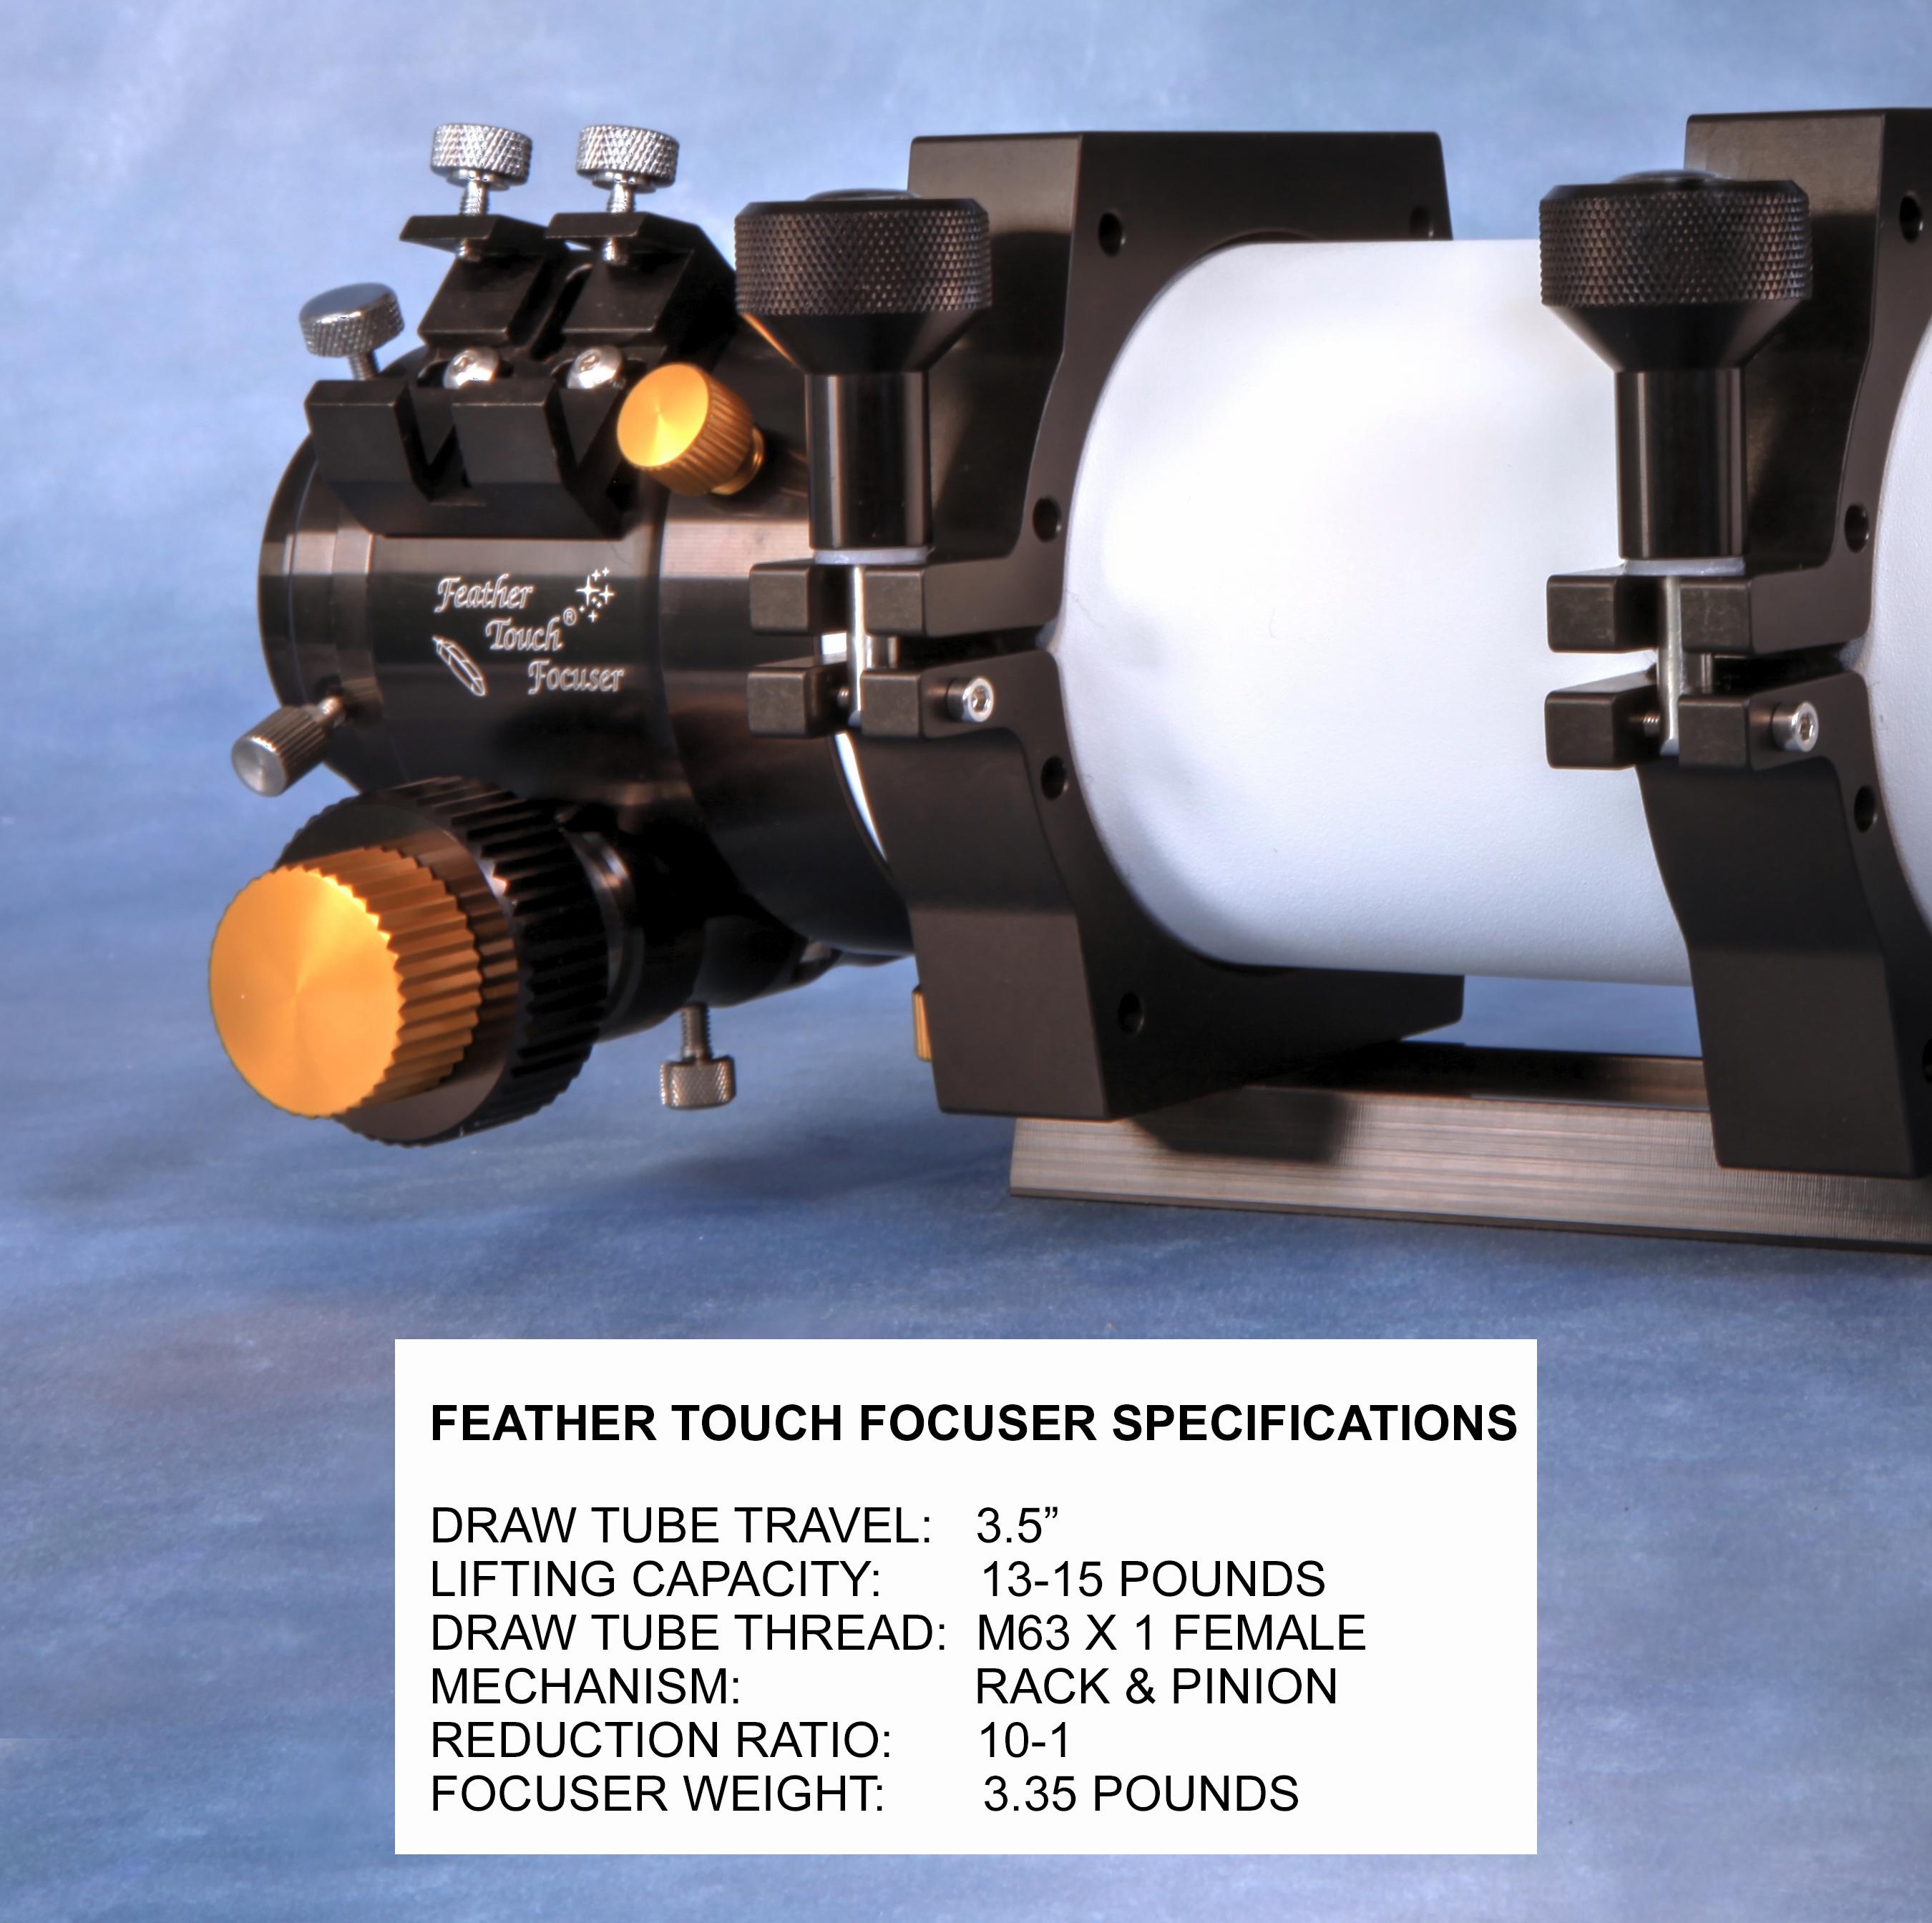 svx080t-25ft-focuser-specs-2.jpg